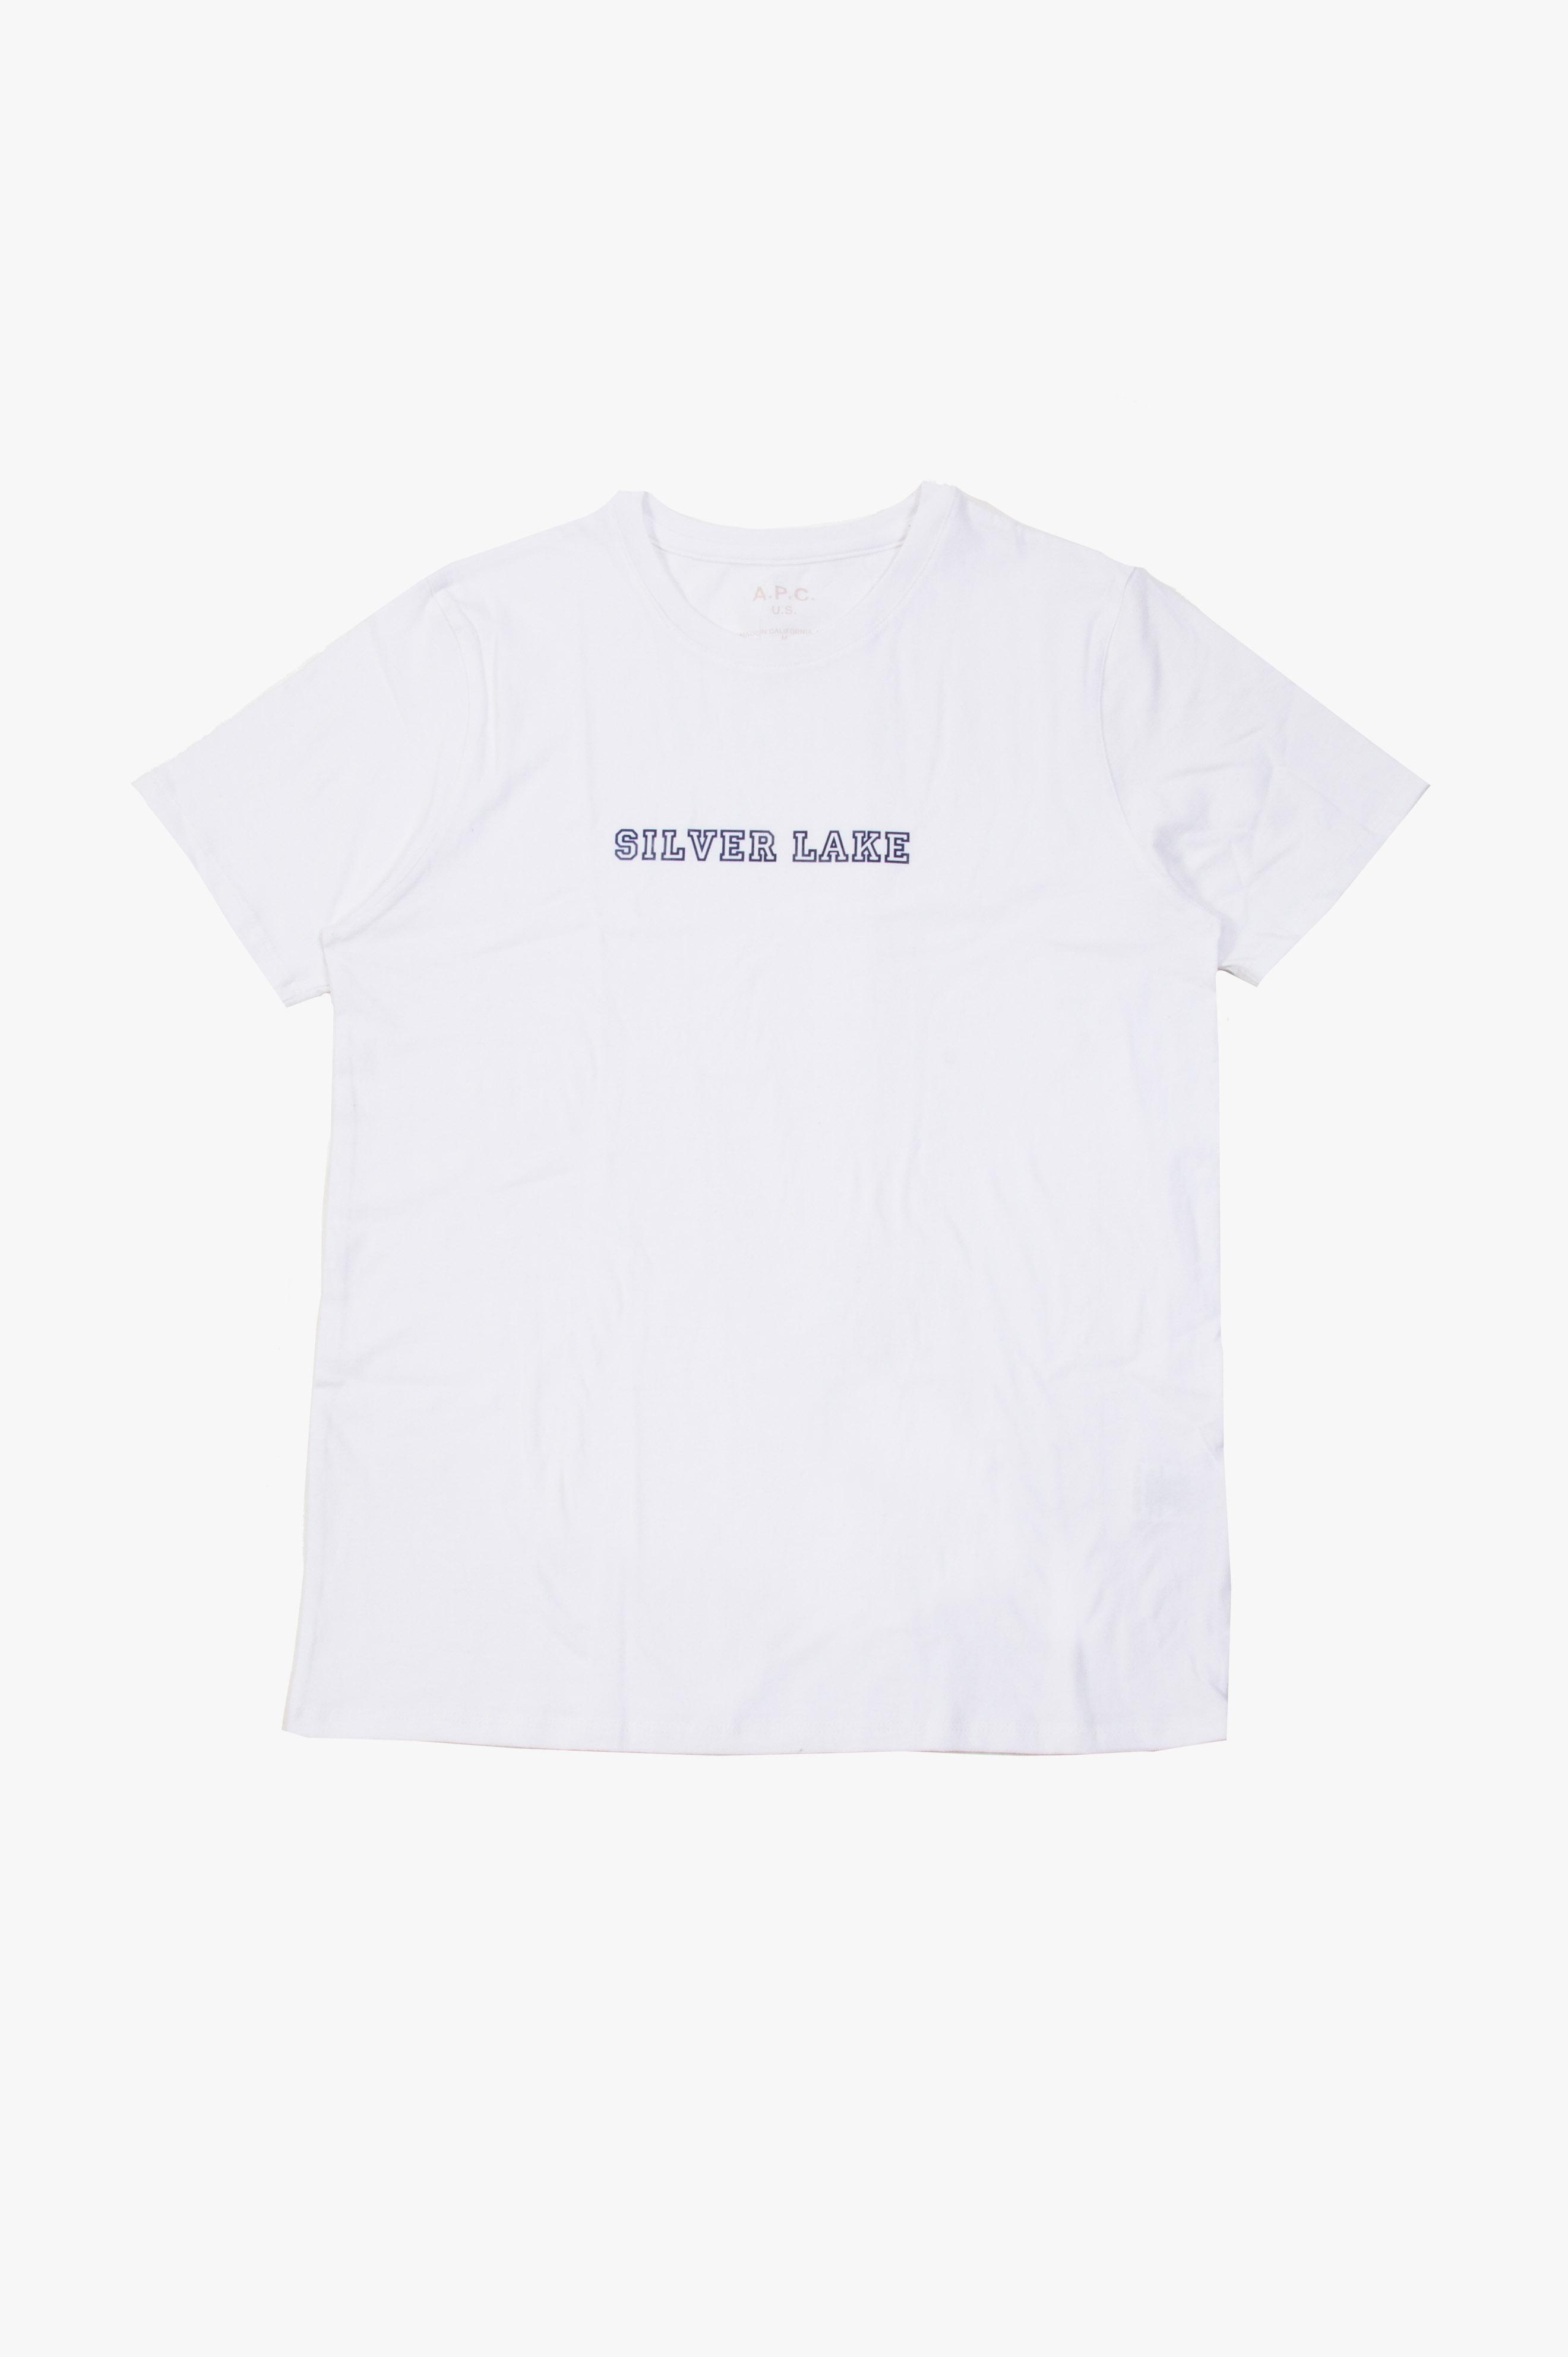 Silver Lake T-Shirt